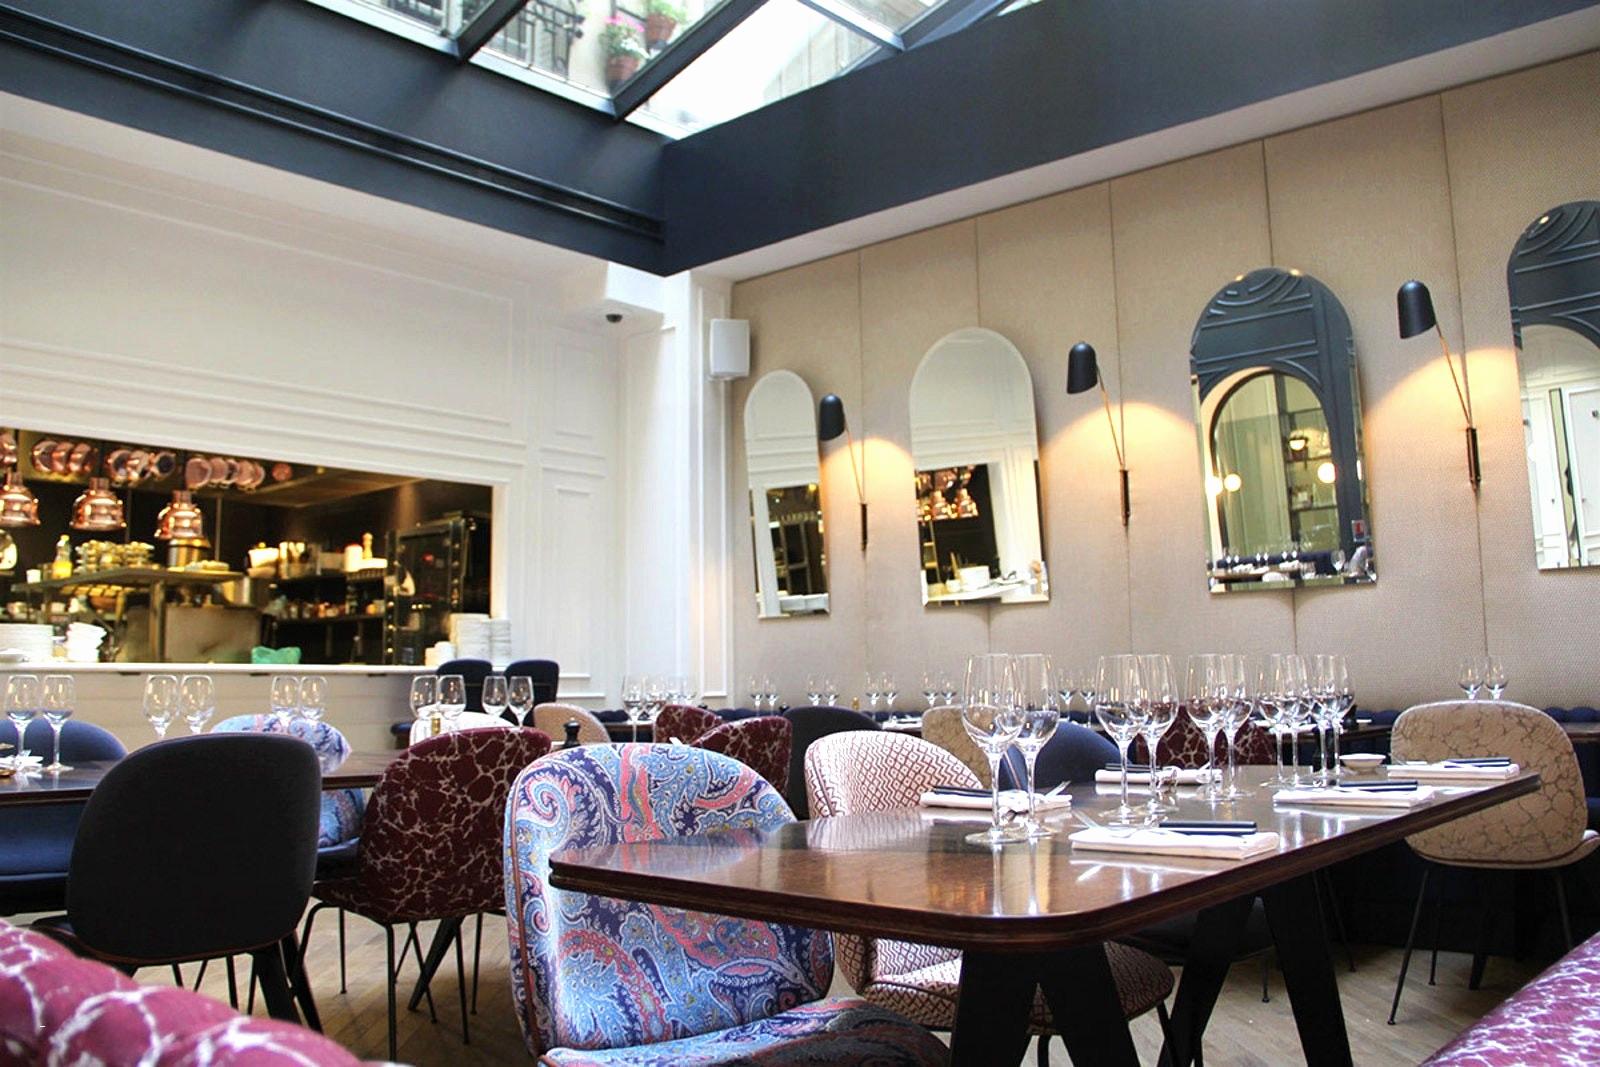 Jeux De Cuisine Jeux Jeux Jeux Nouveau Photographie Jeu De Cuisine Restaurant Frais Jeu De Cuisine Restaurant Heureux